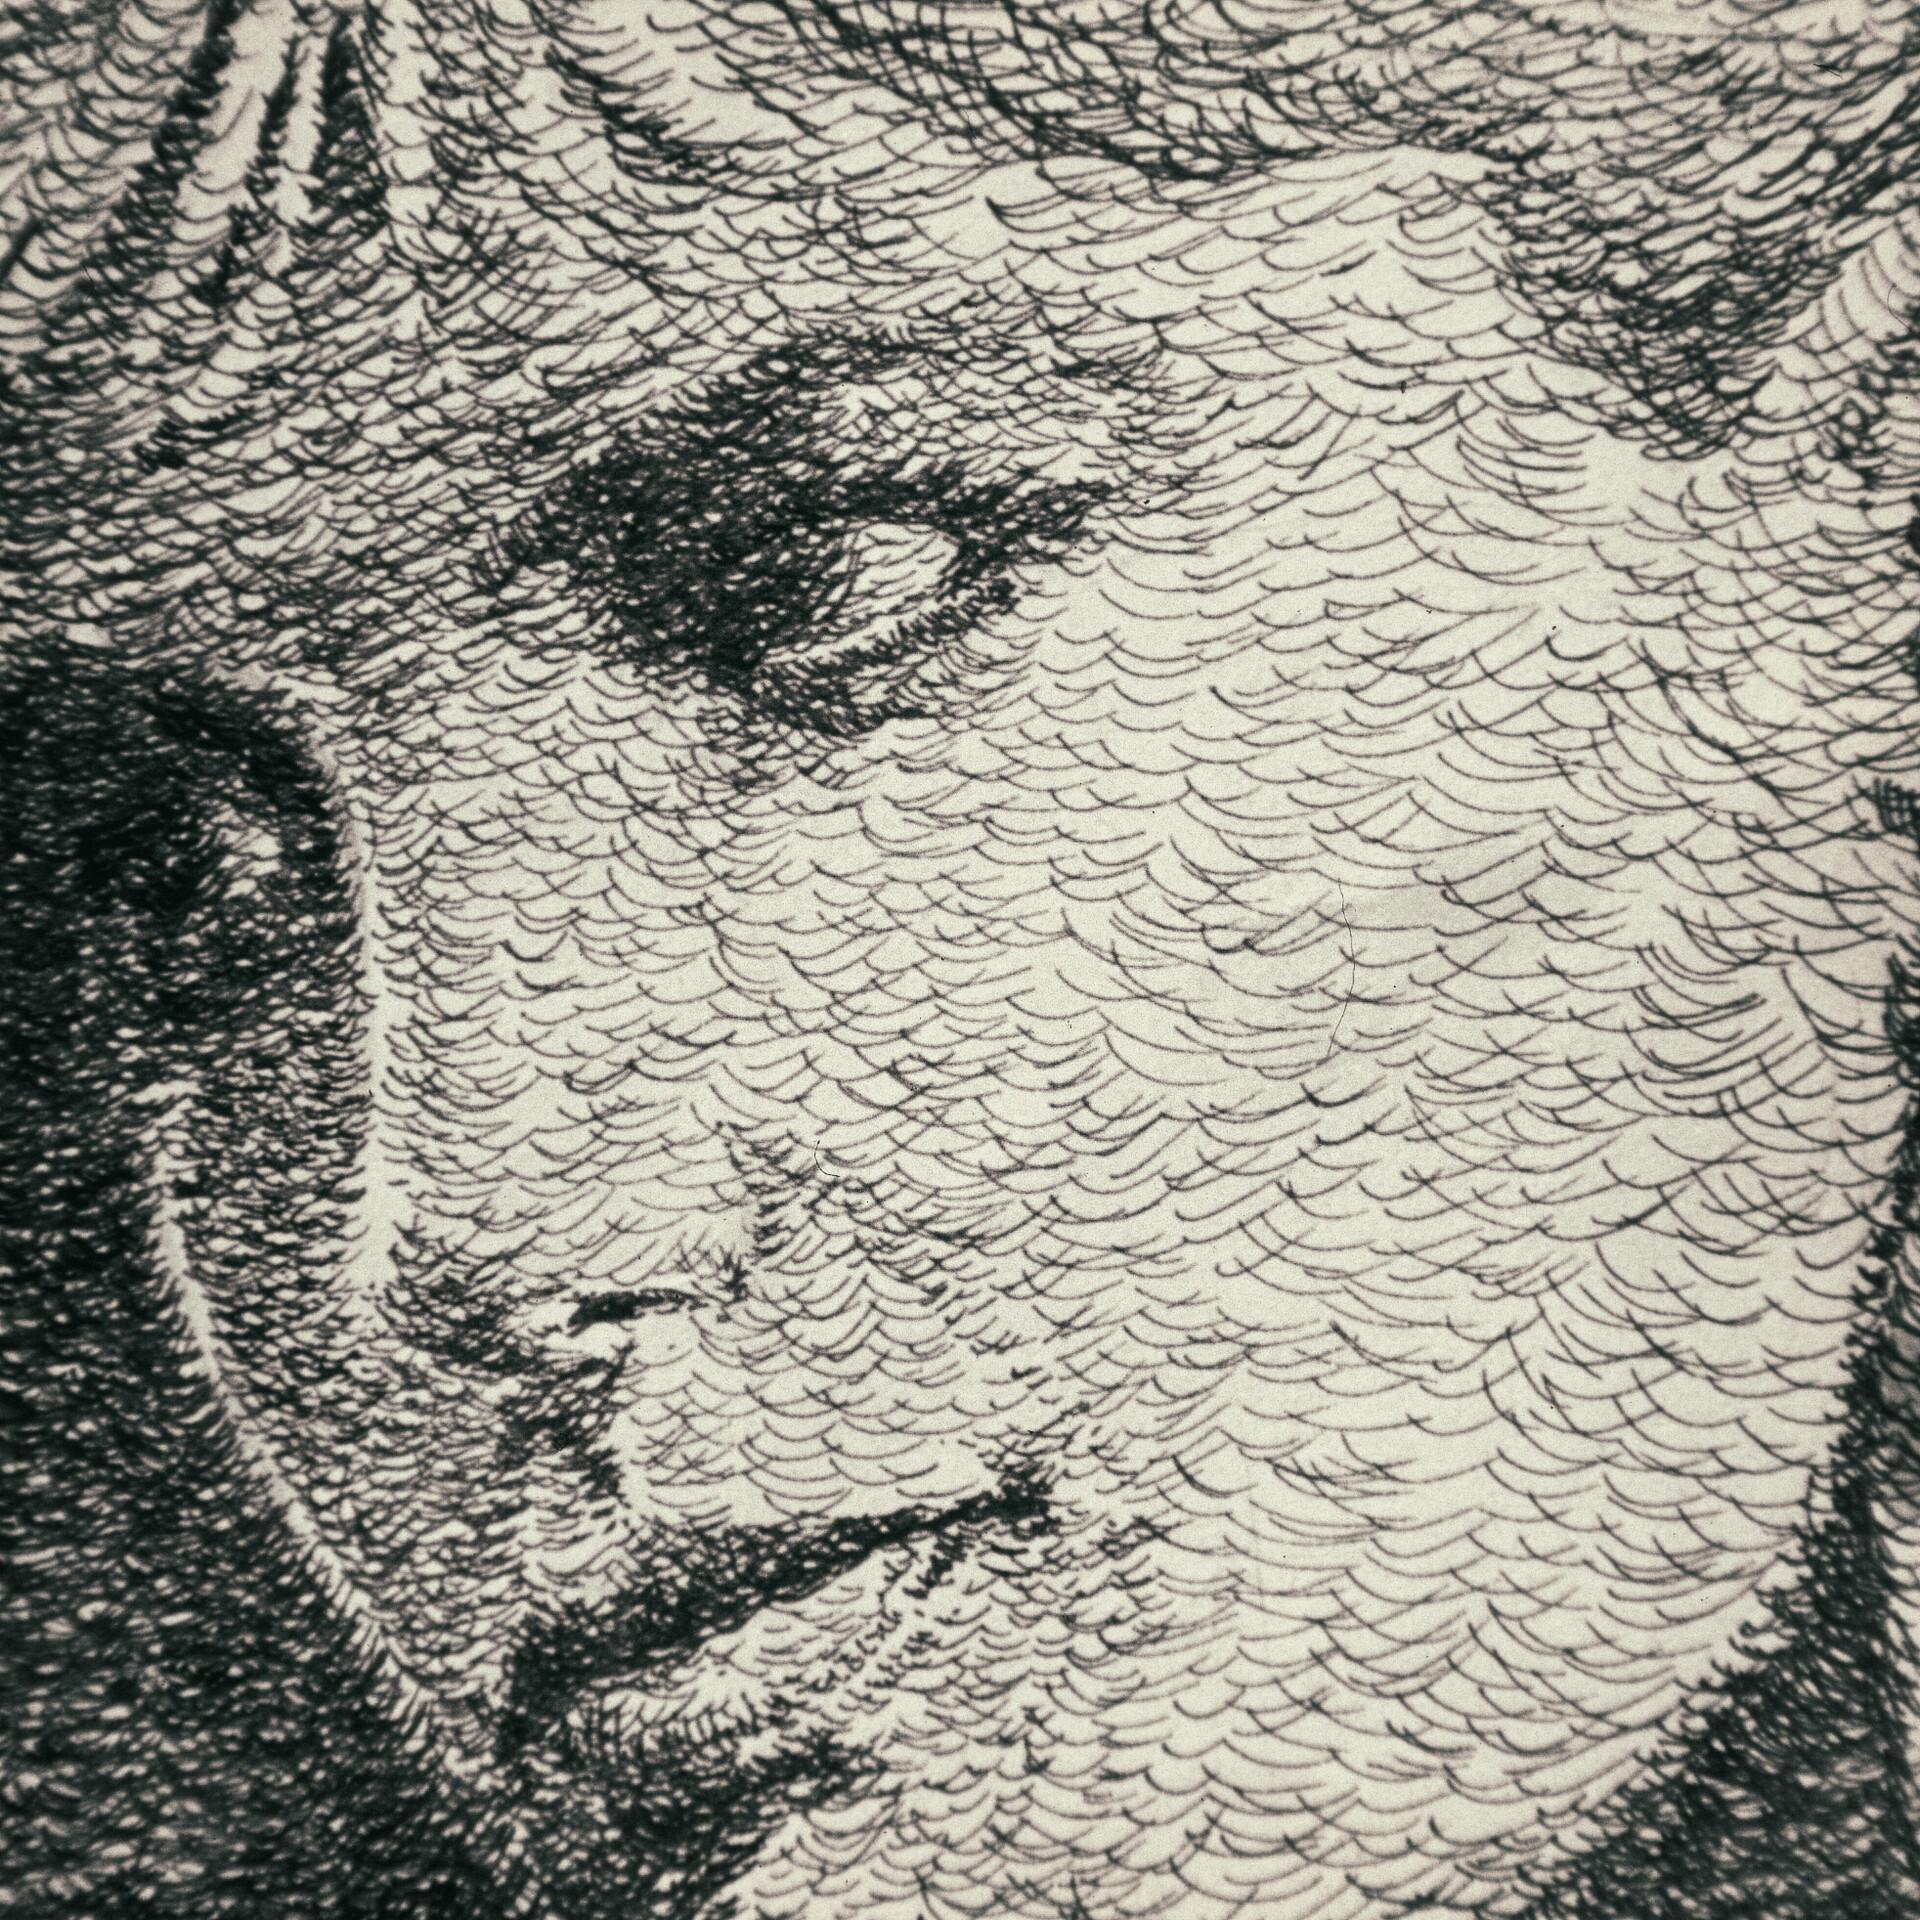 Michael wu img0034